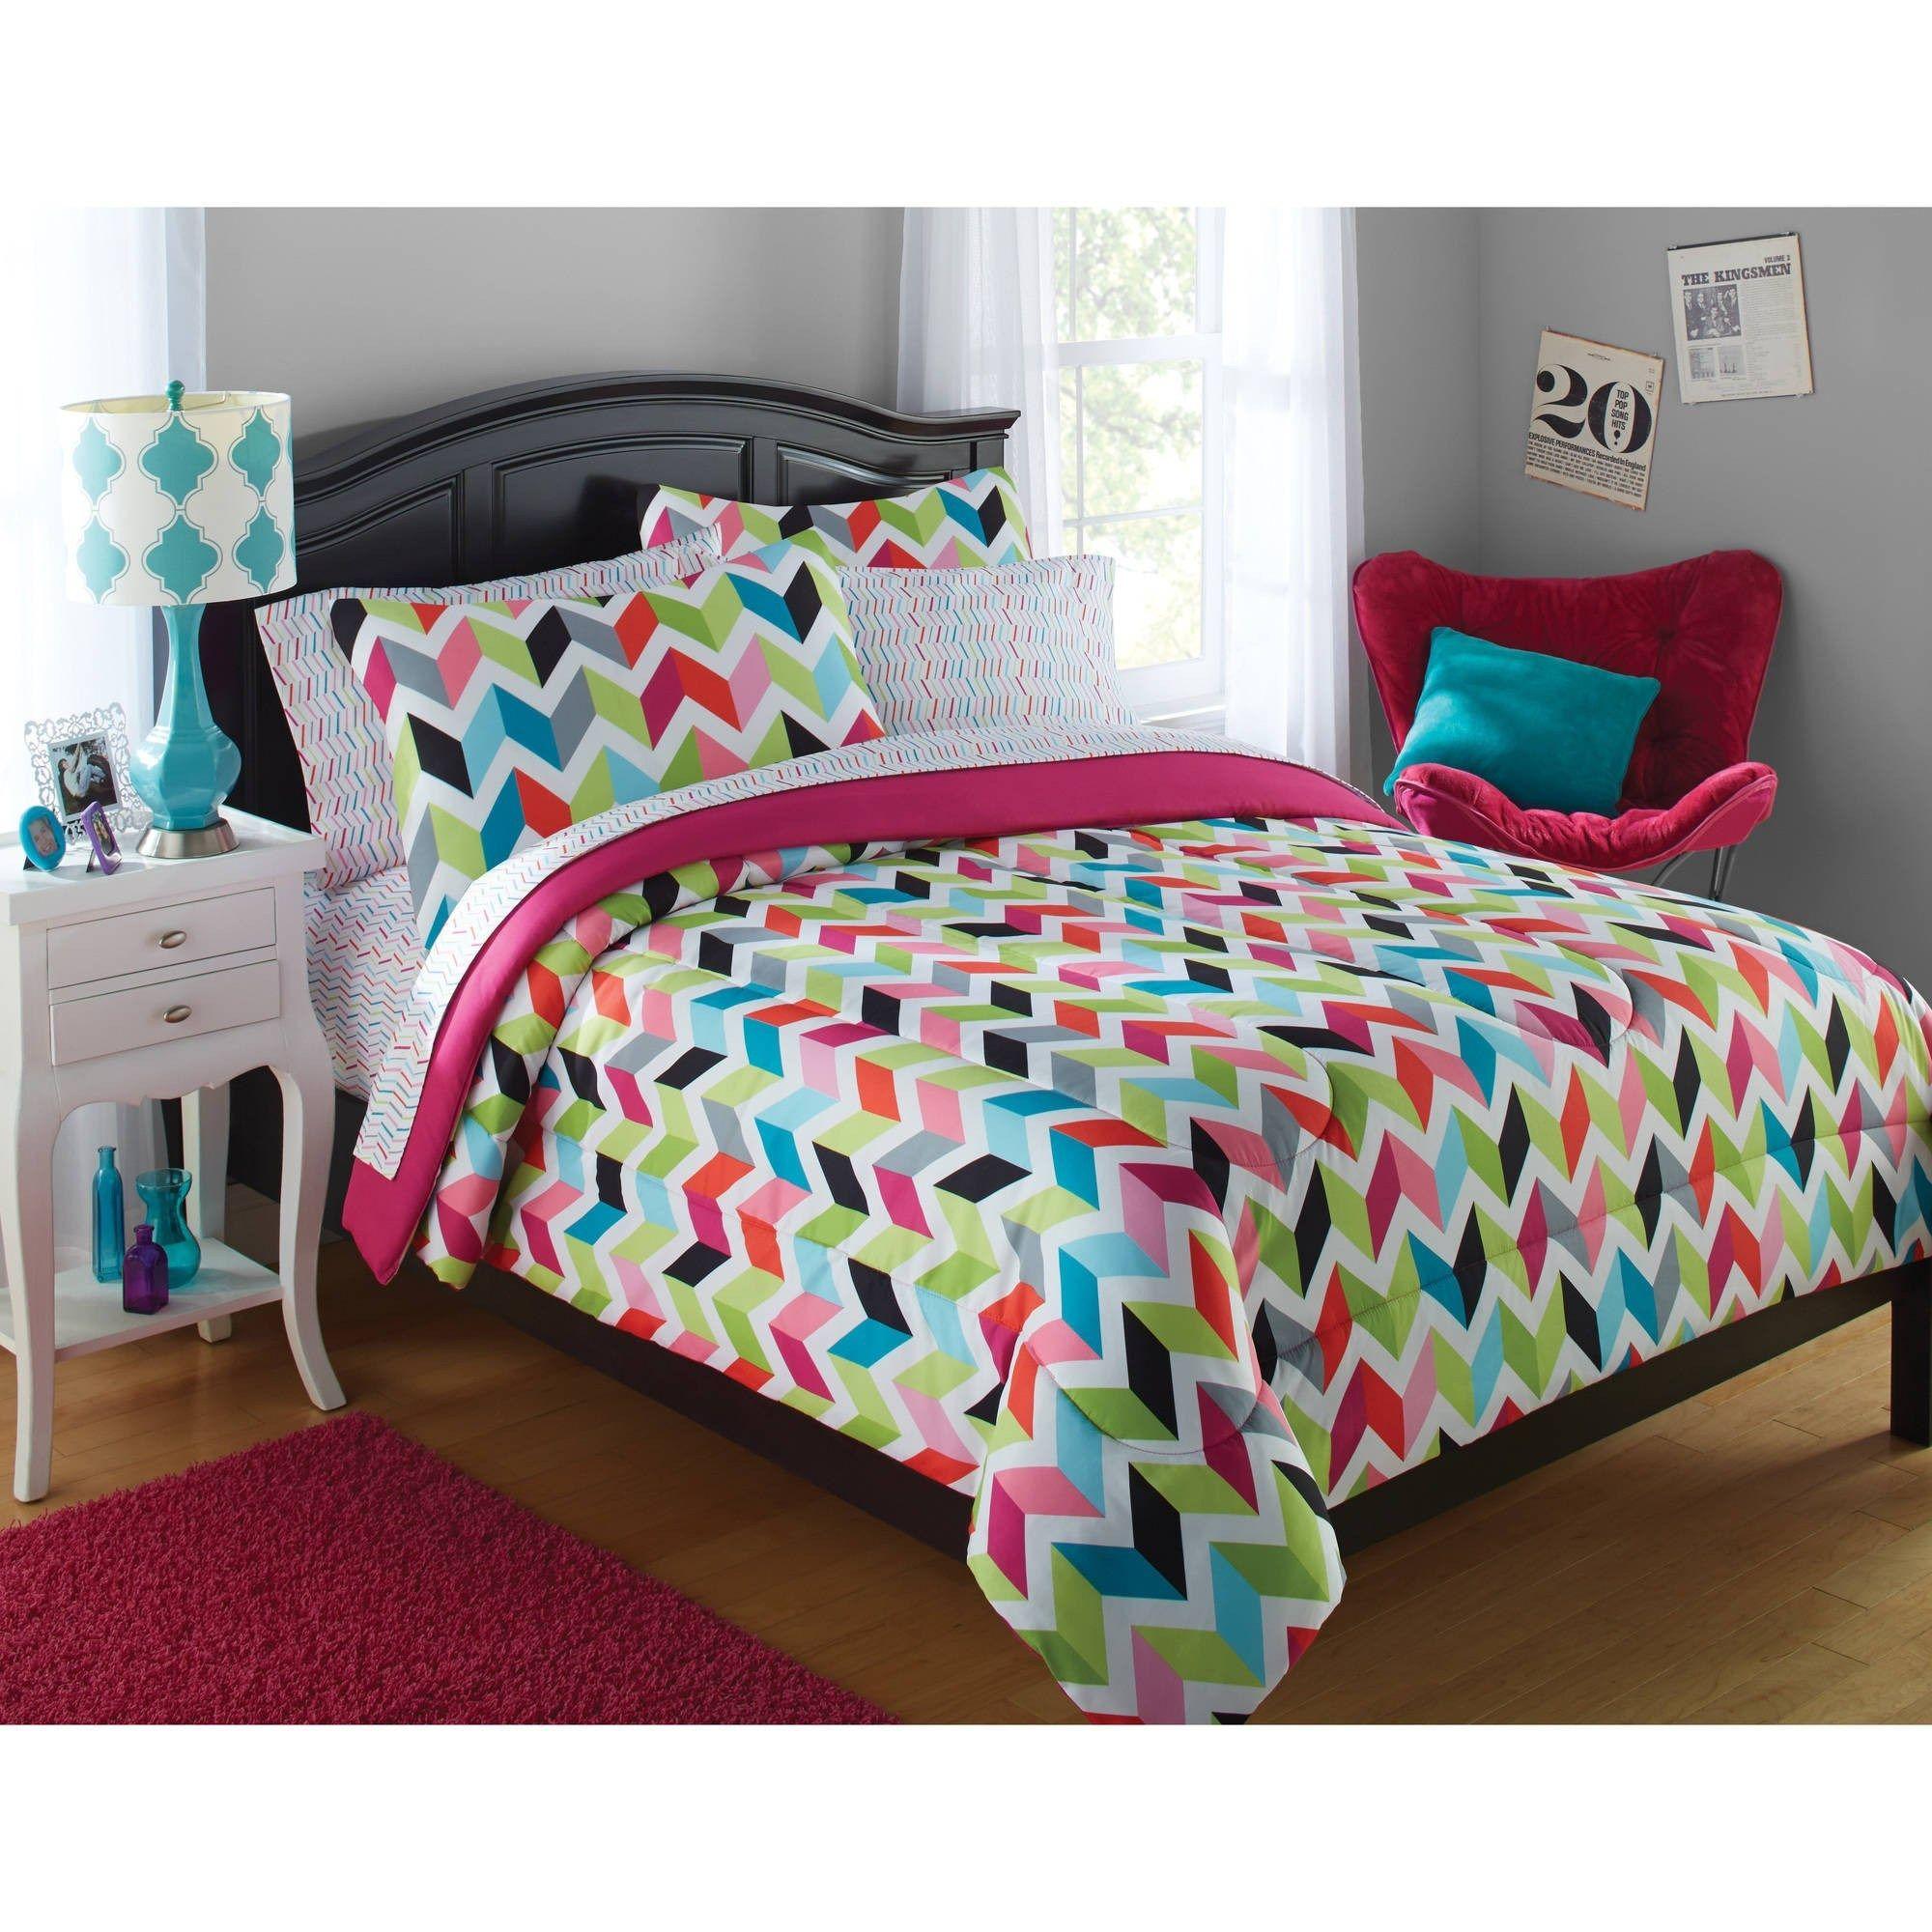 new walmart kids bedroom sets  chevron bedding kids